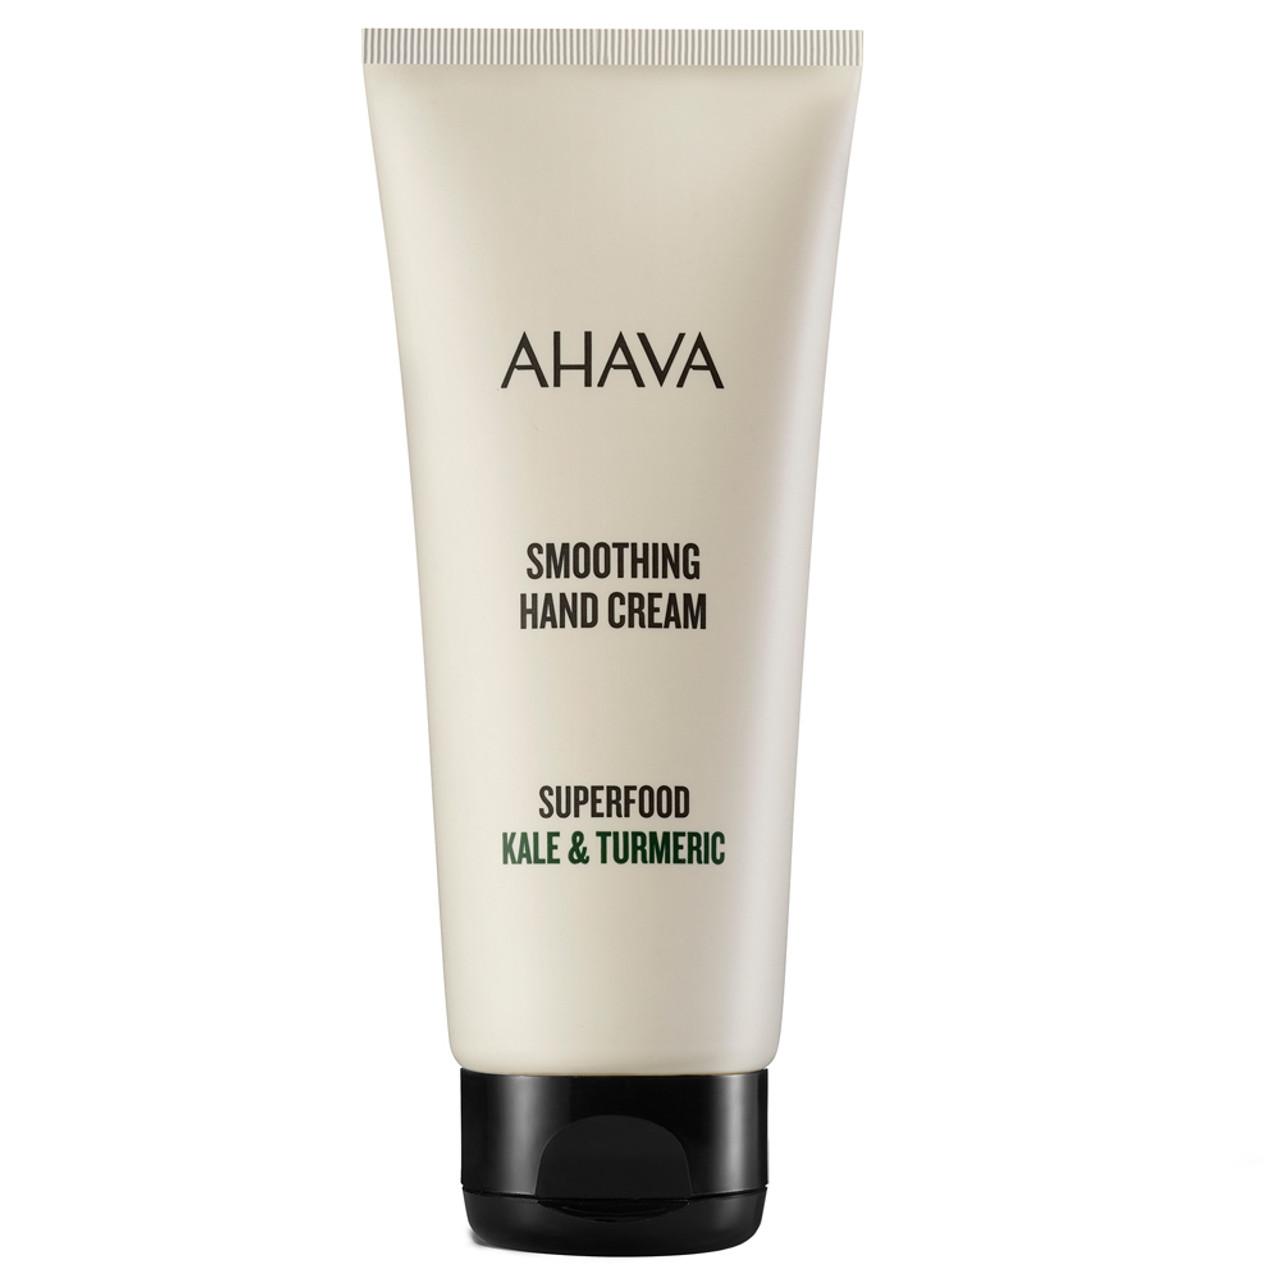 AHAVA Superfood Kale & Turmeric Smoothing Hand Cream BeautifiedYou.com